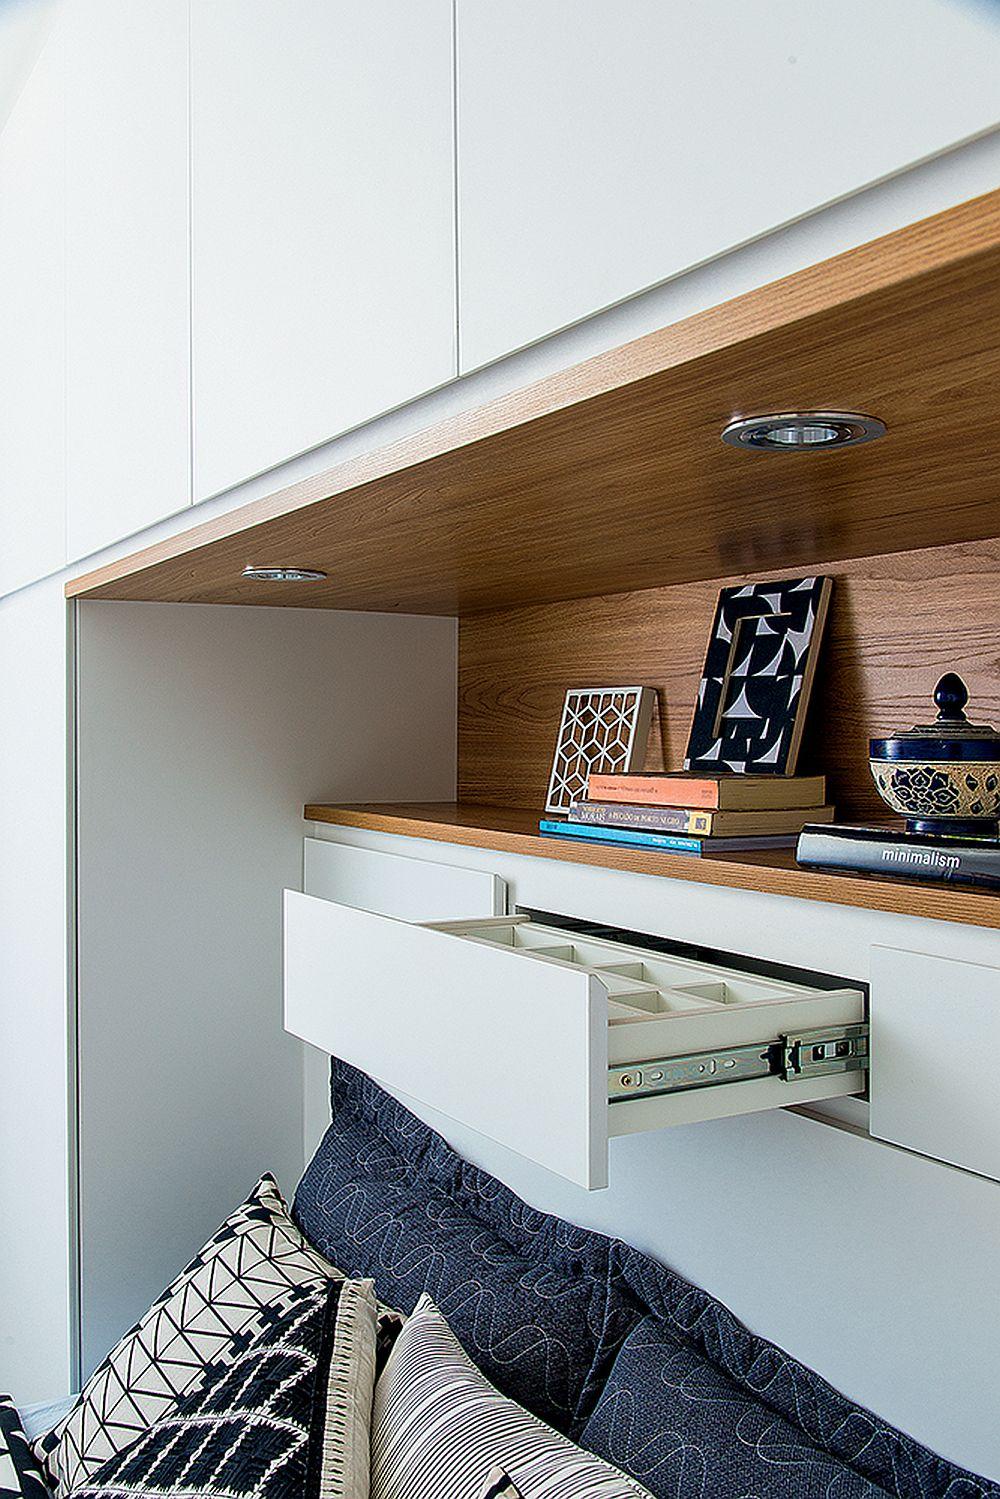 Sertare cu glisiere moderne configurate în tăblia patului sunt compartimentate pentru depozitare de lucruri mici.